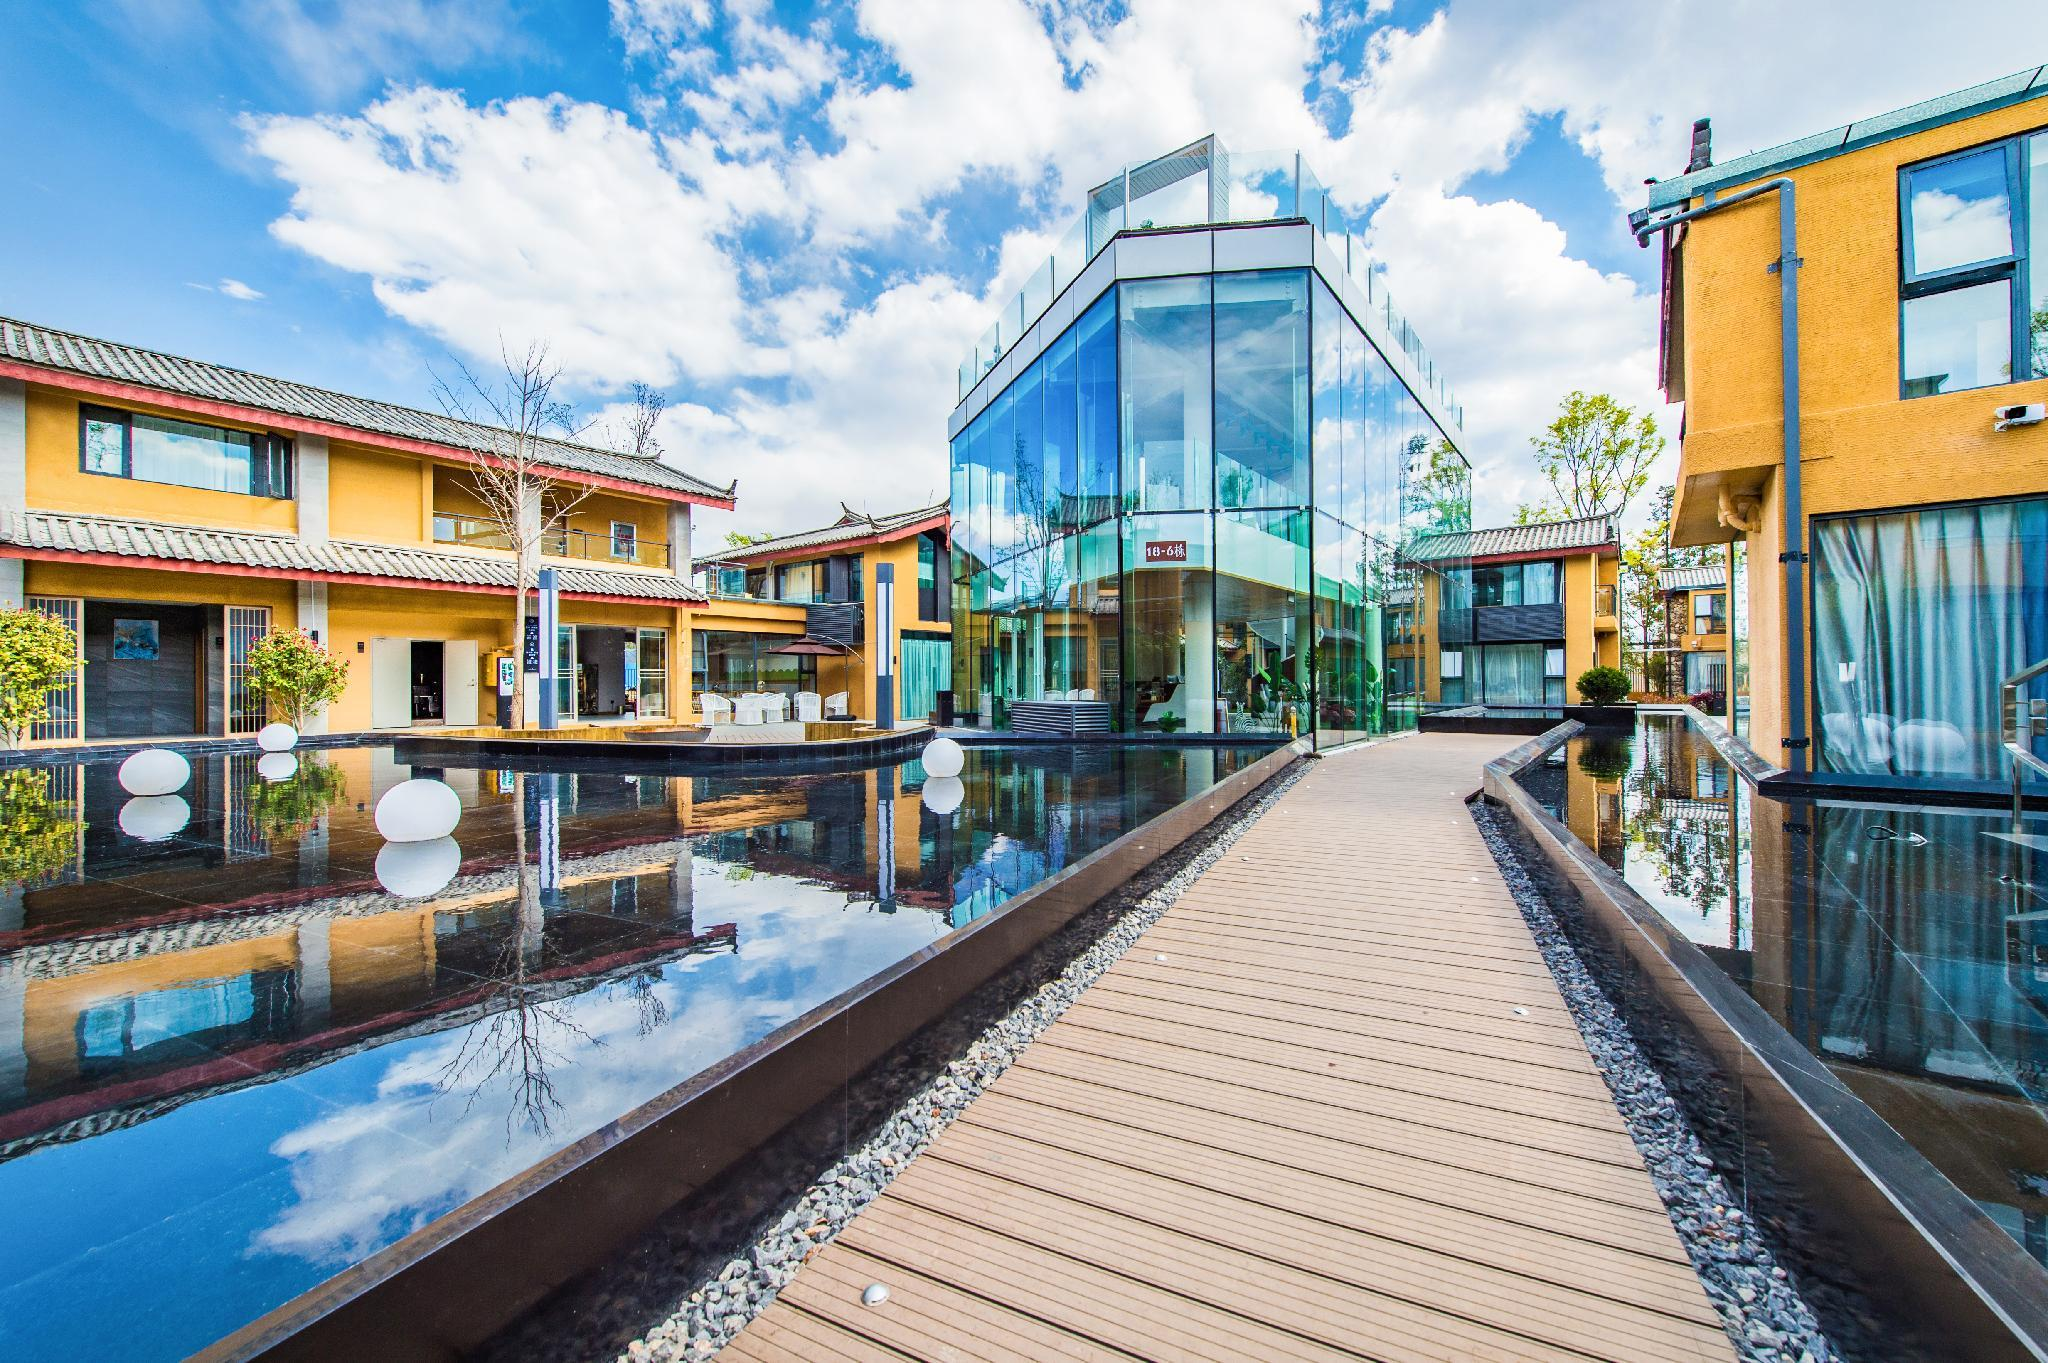 QianSu YunPan Snow Mountain Resort Hotel